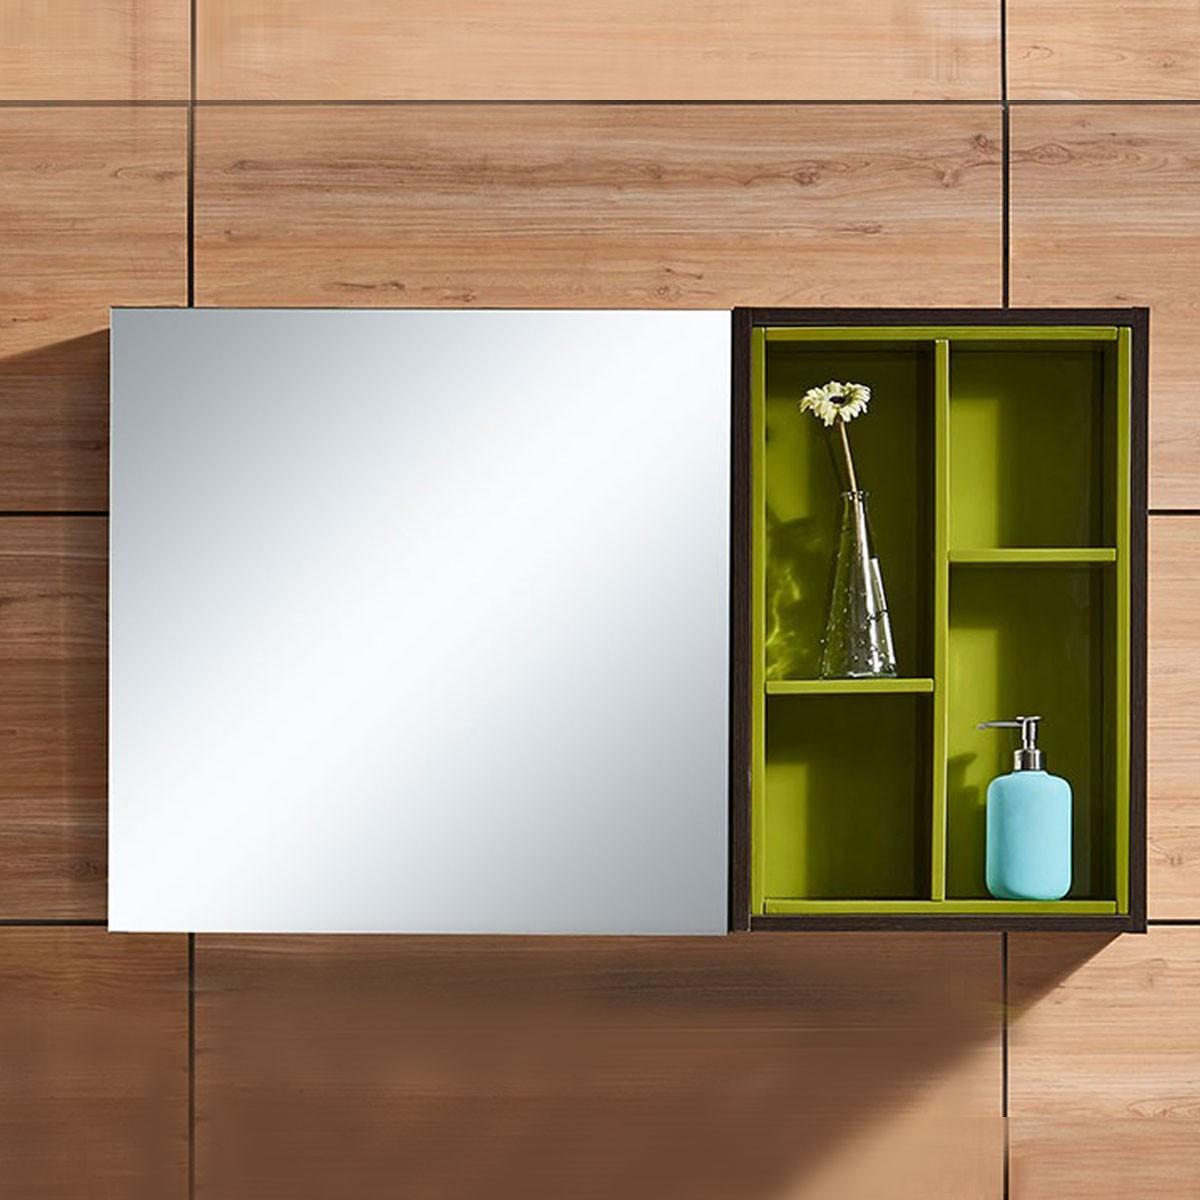 24 x 40 In. Bathroom Vanity Mirror (DK-660100-M)